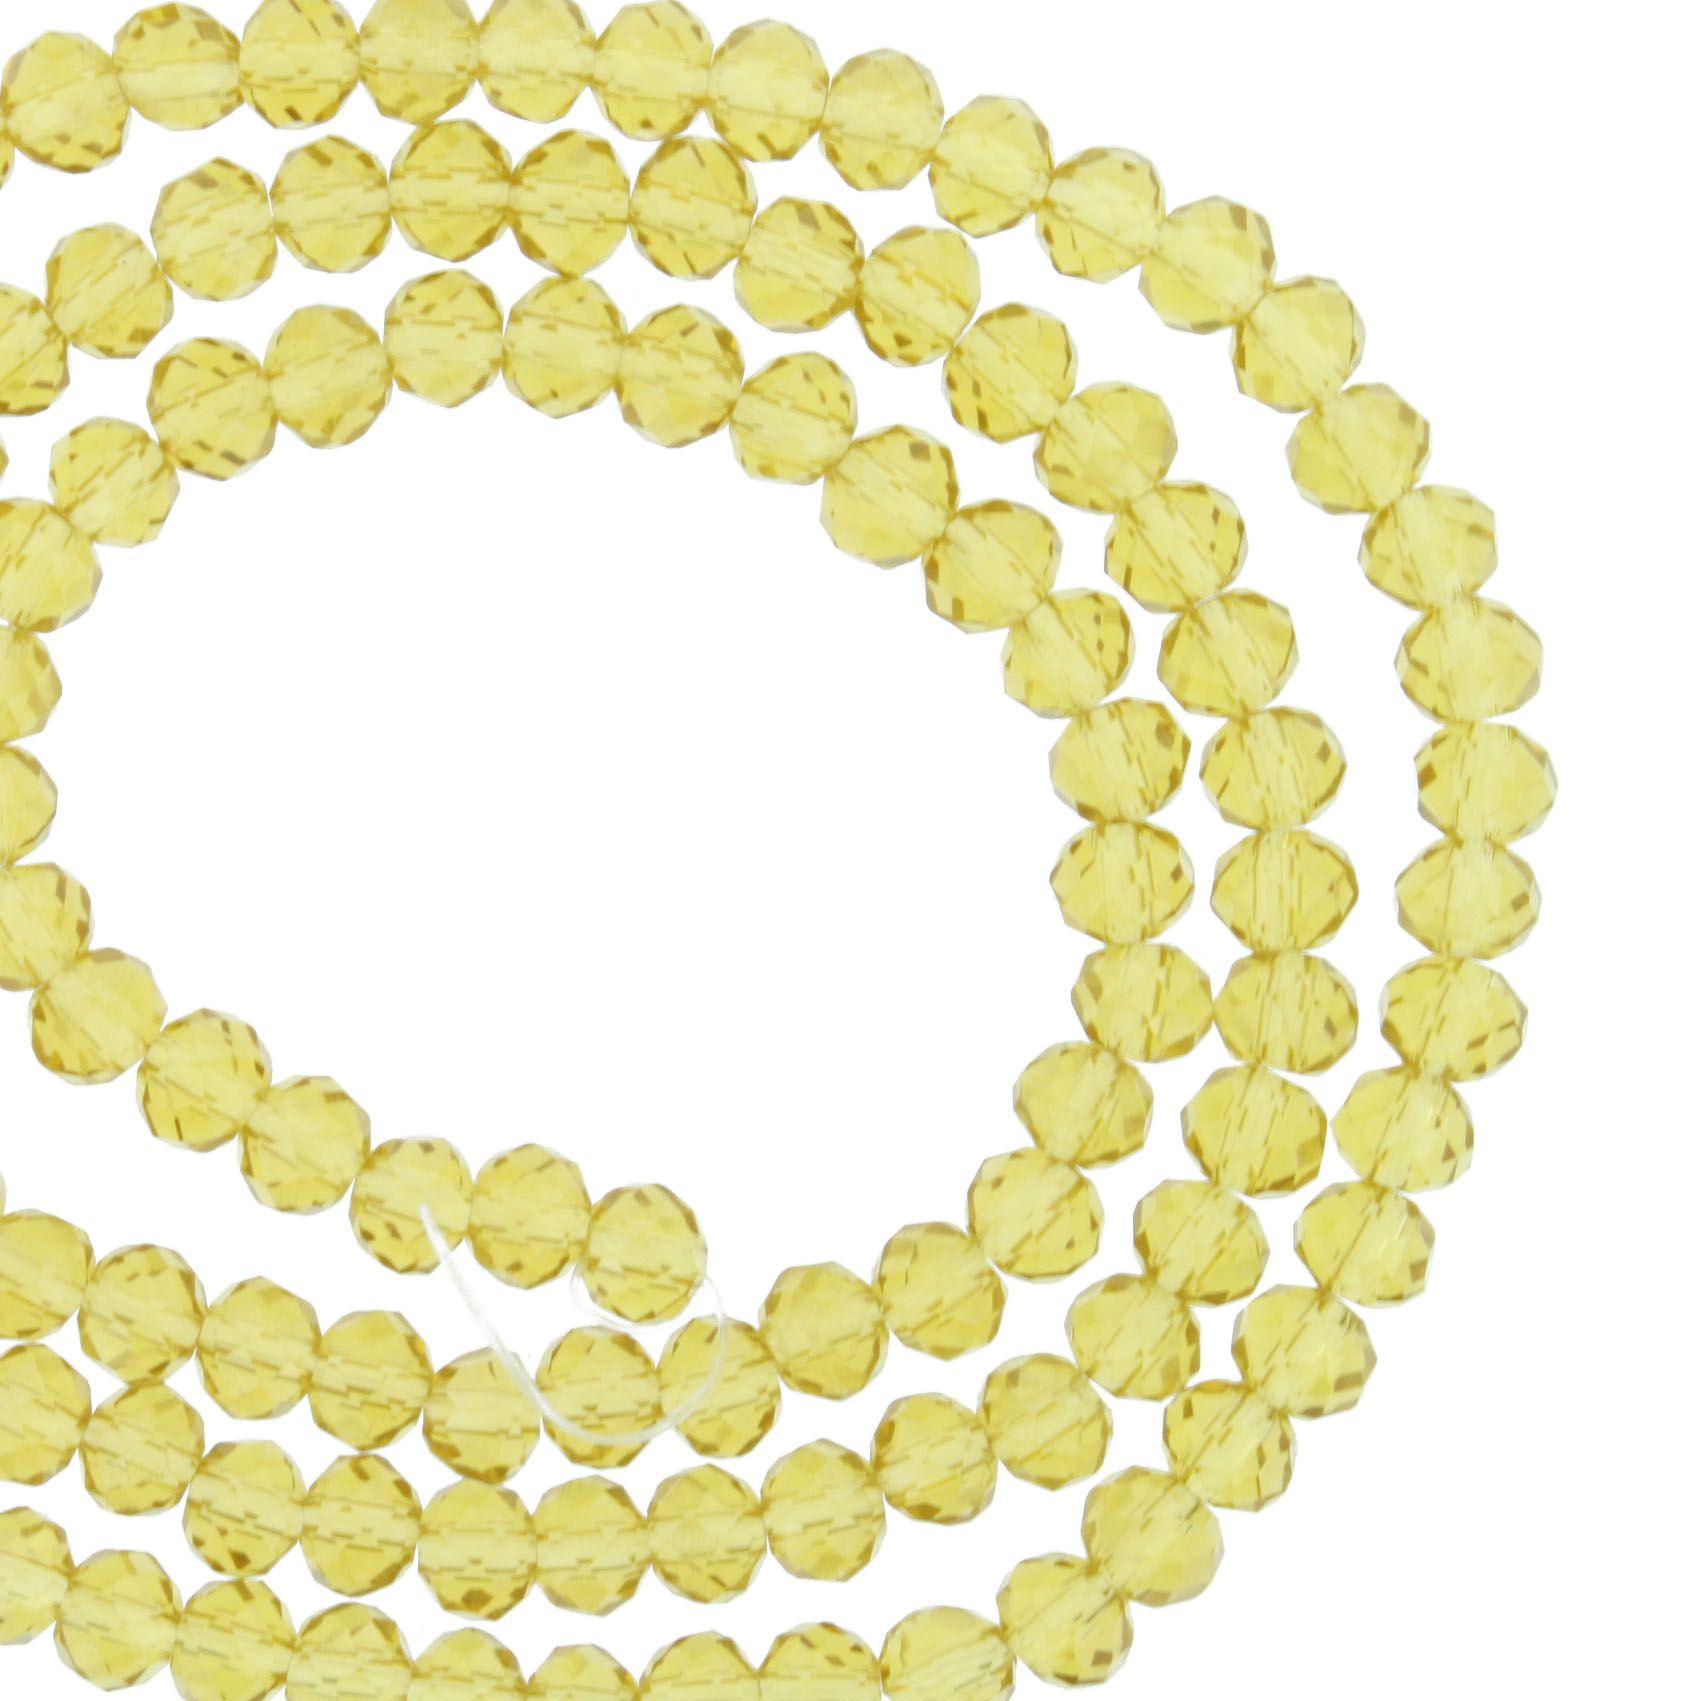 Fio de Cristal - Flat® - Âmbar Claro Transparente - 4mm  - Stéphanie Bijoux® - Peças para Bijuterias e Artesanato